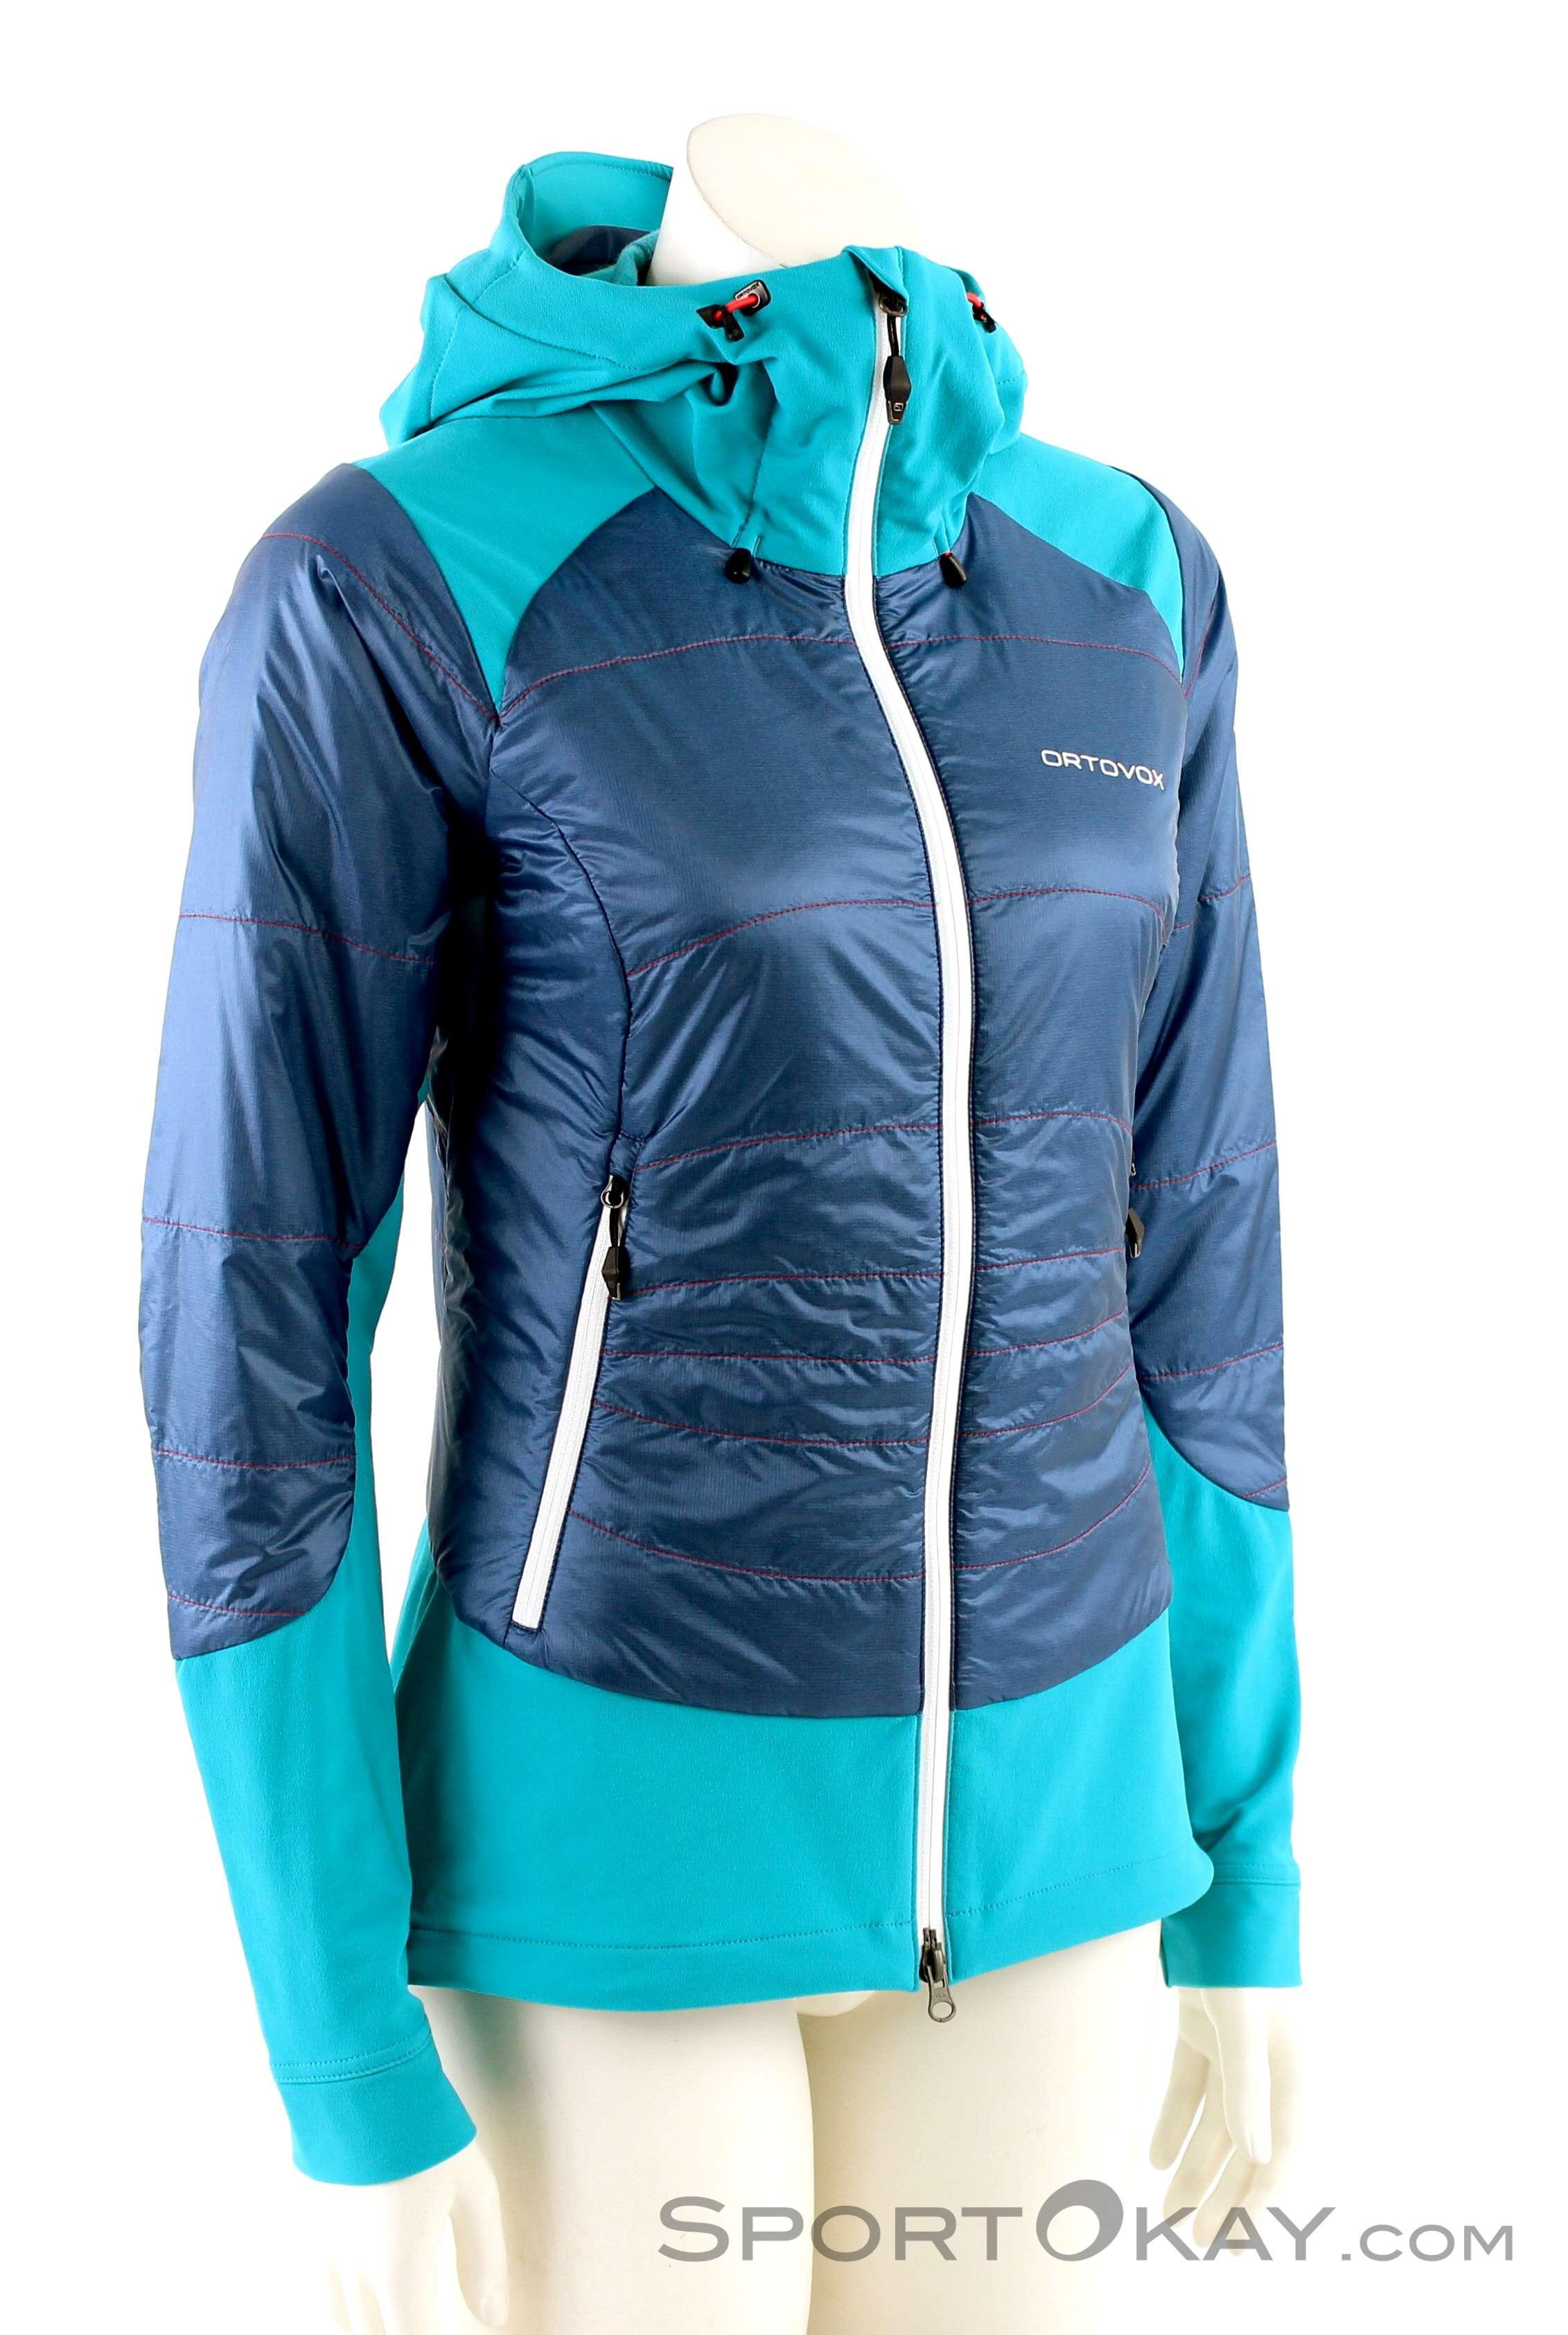 Ortovox Swisswool Piz Palü Jacket Damen Tourenjacke-Blau-S